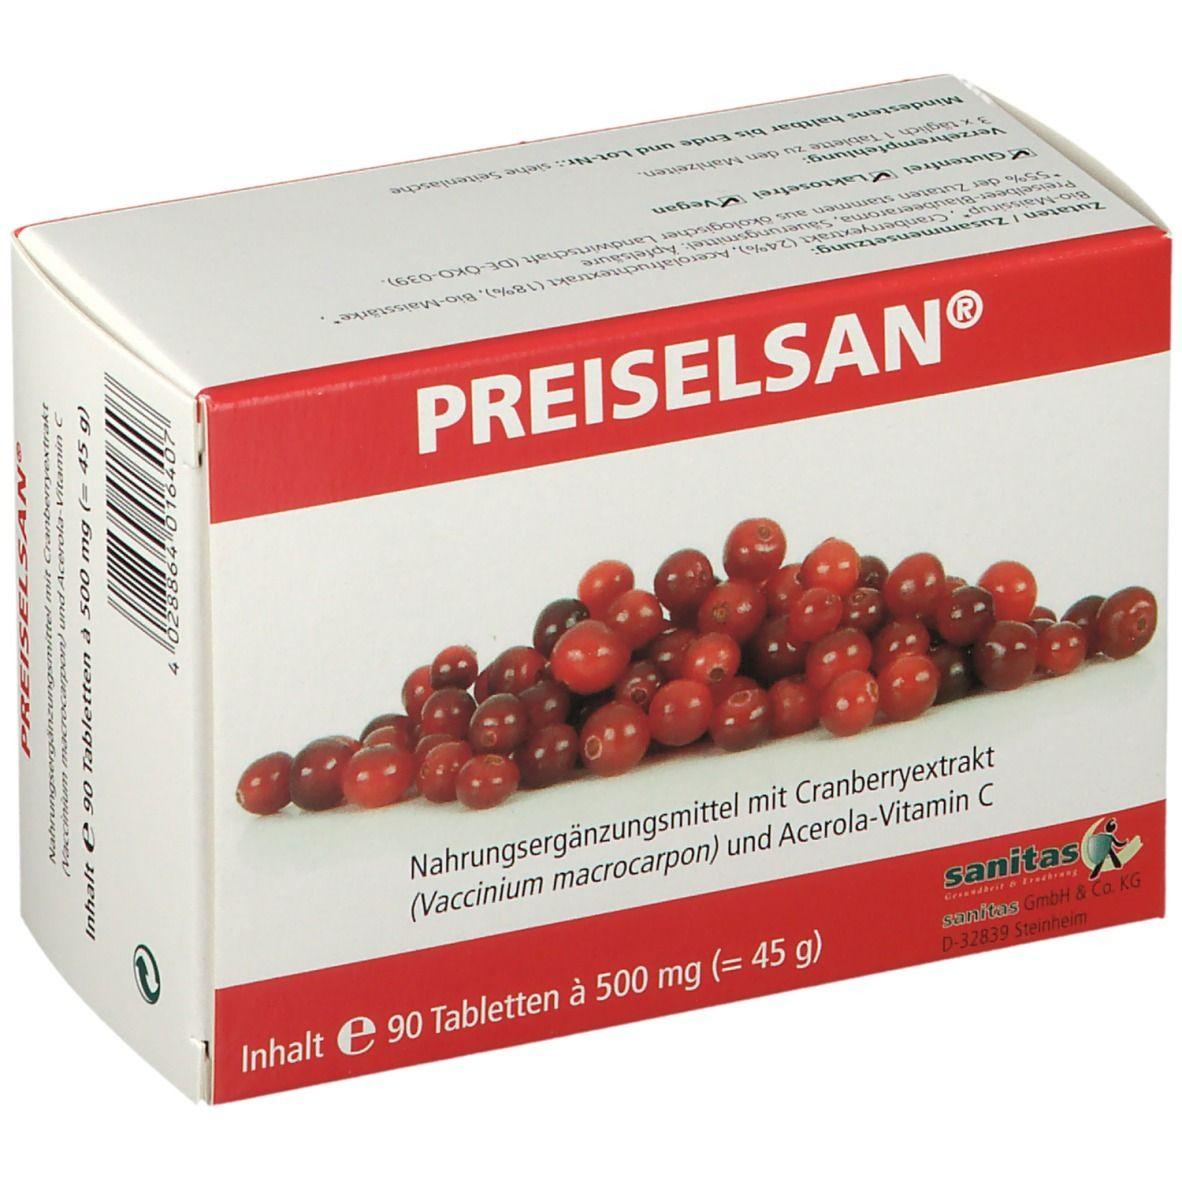 PREISELSAN® Tabletten